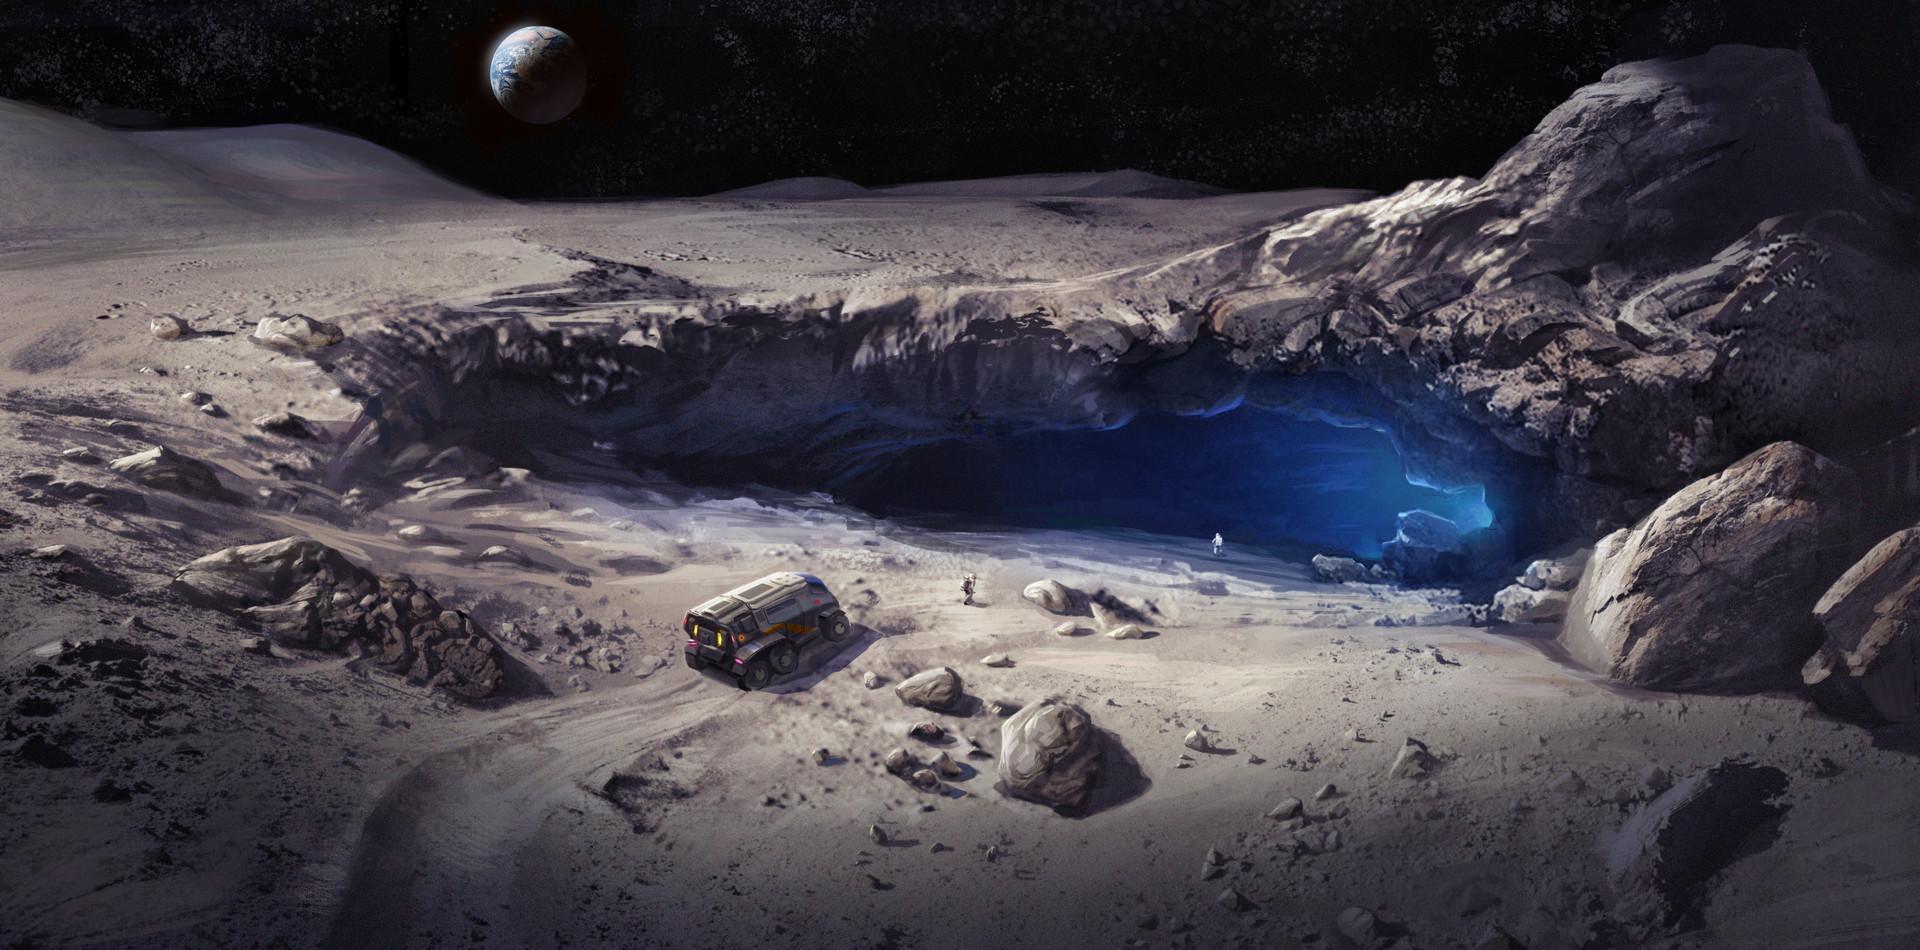 Cueva Descubierta en la Luna Desbloquea Nuevas Posibilidades